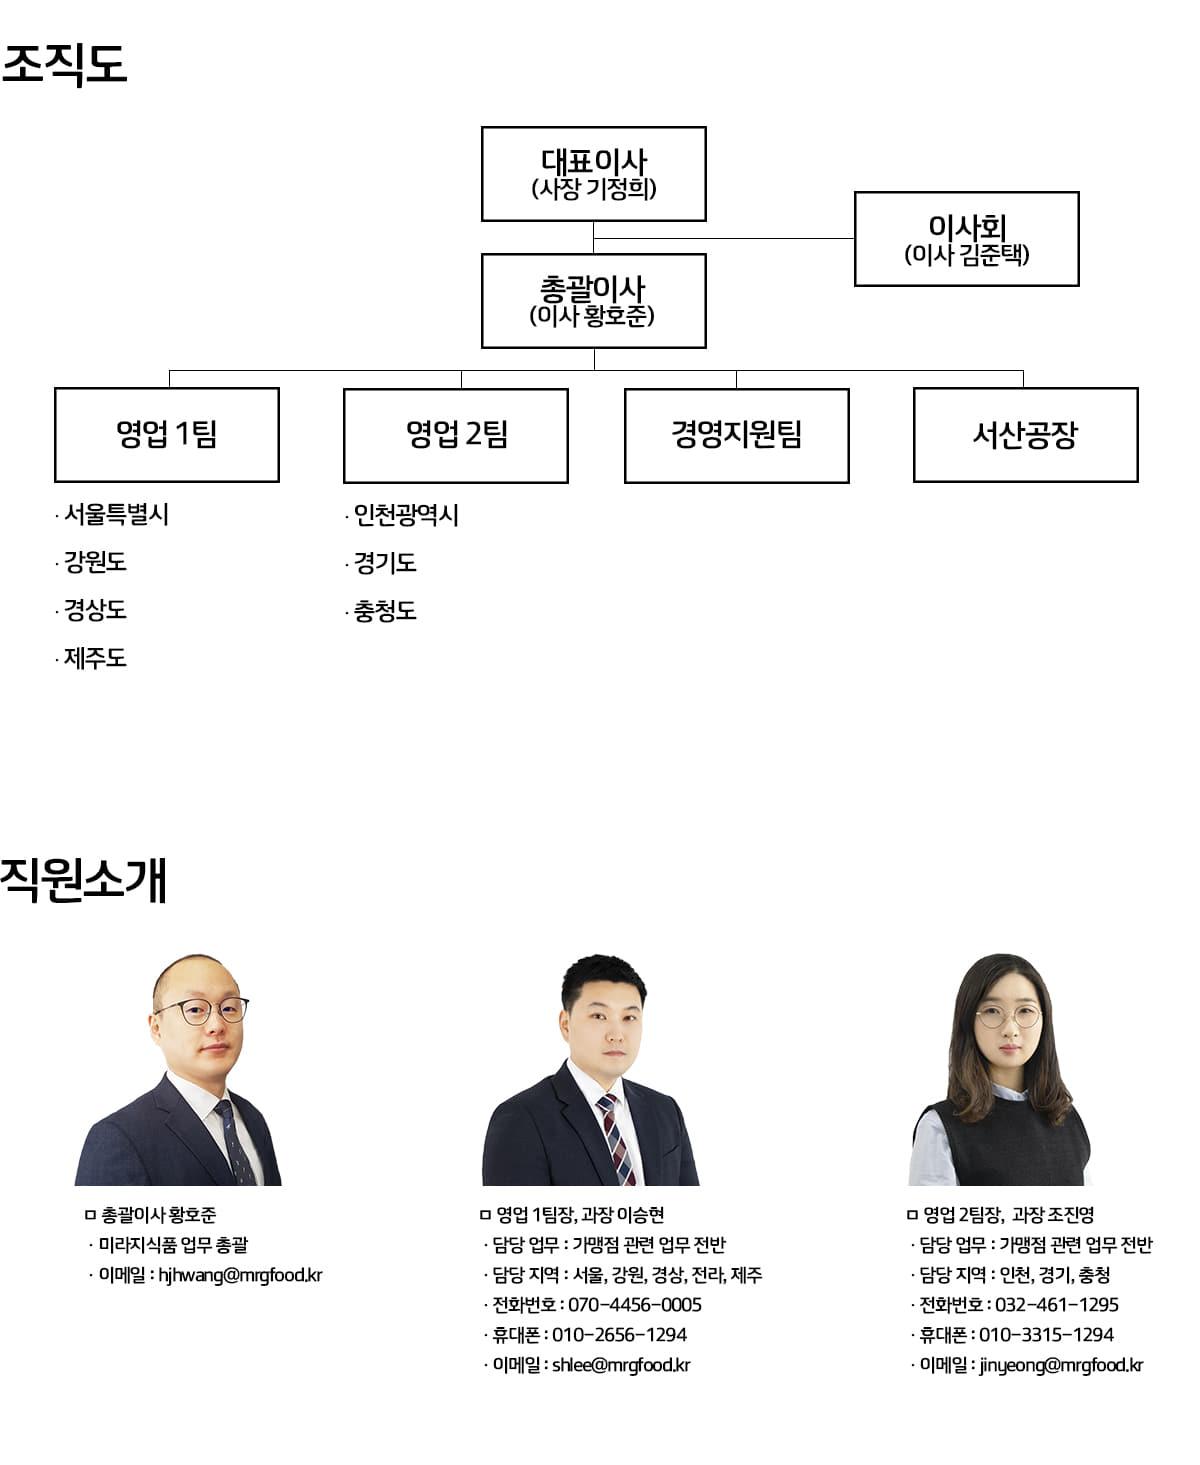 직원 소개